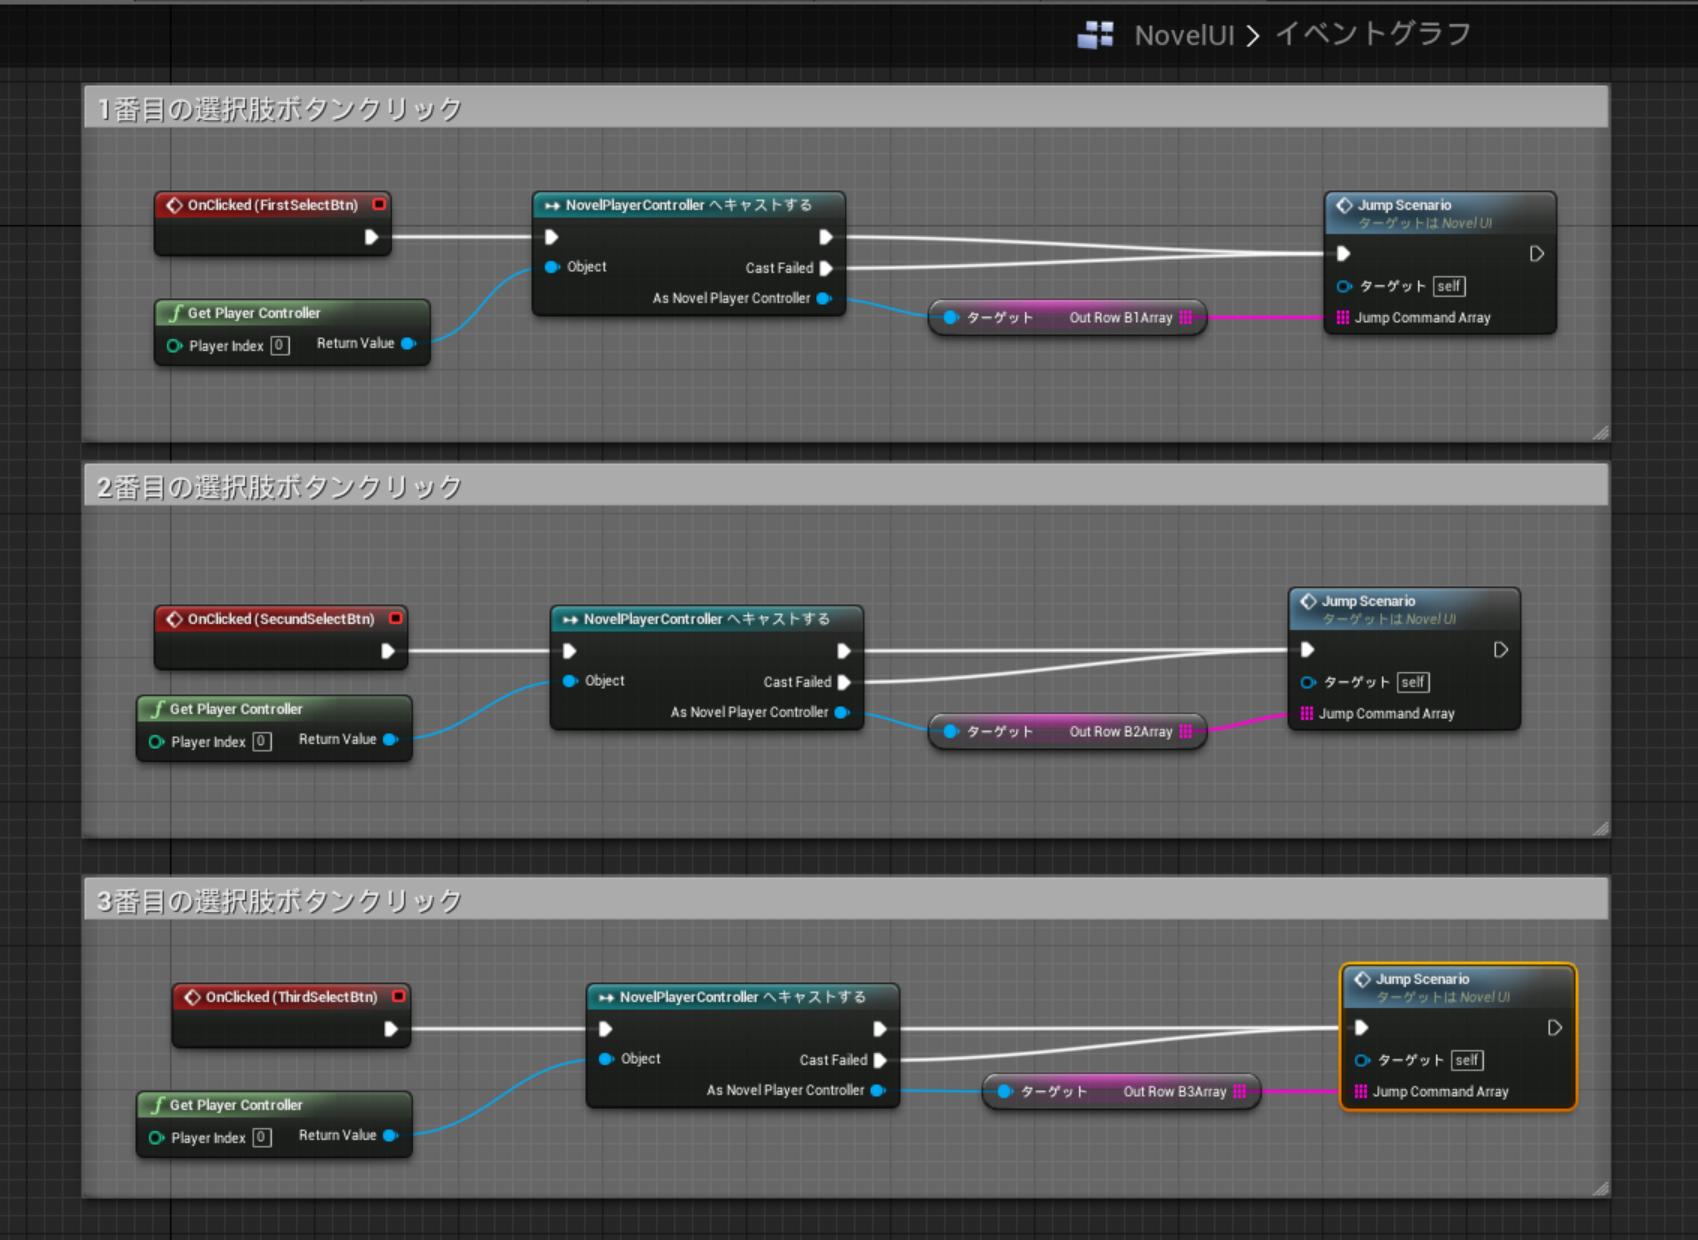 イベントグラフ.png